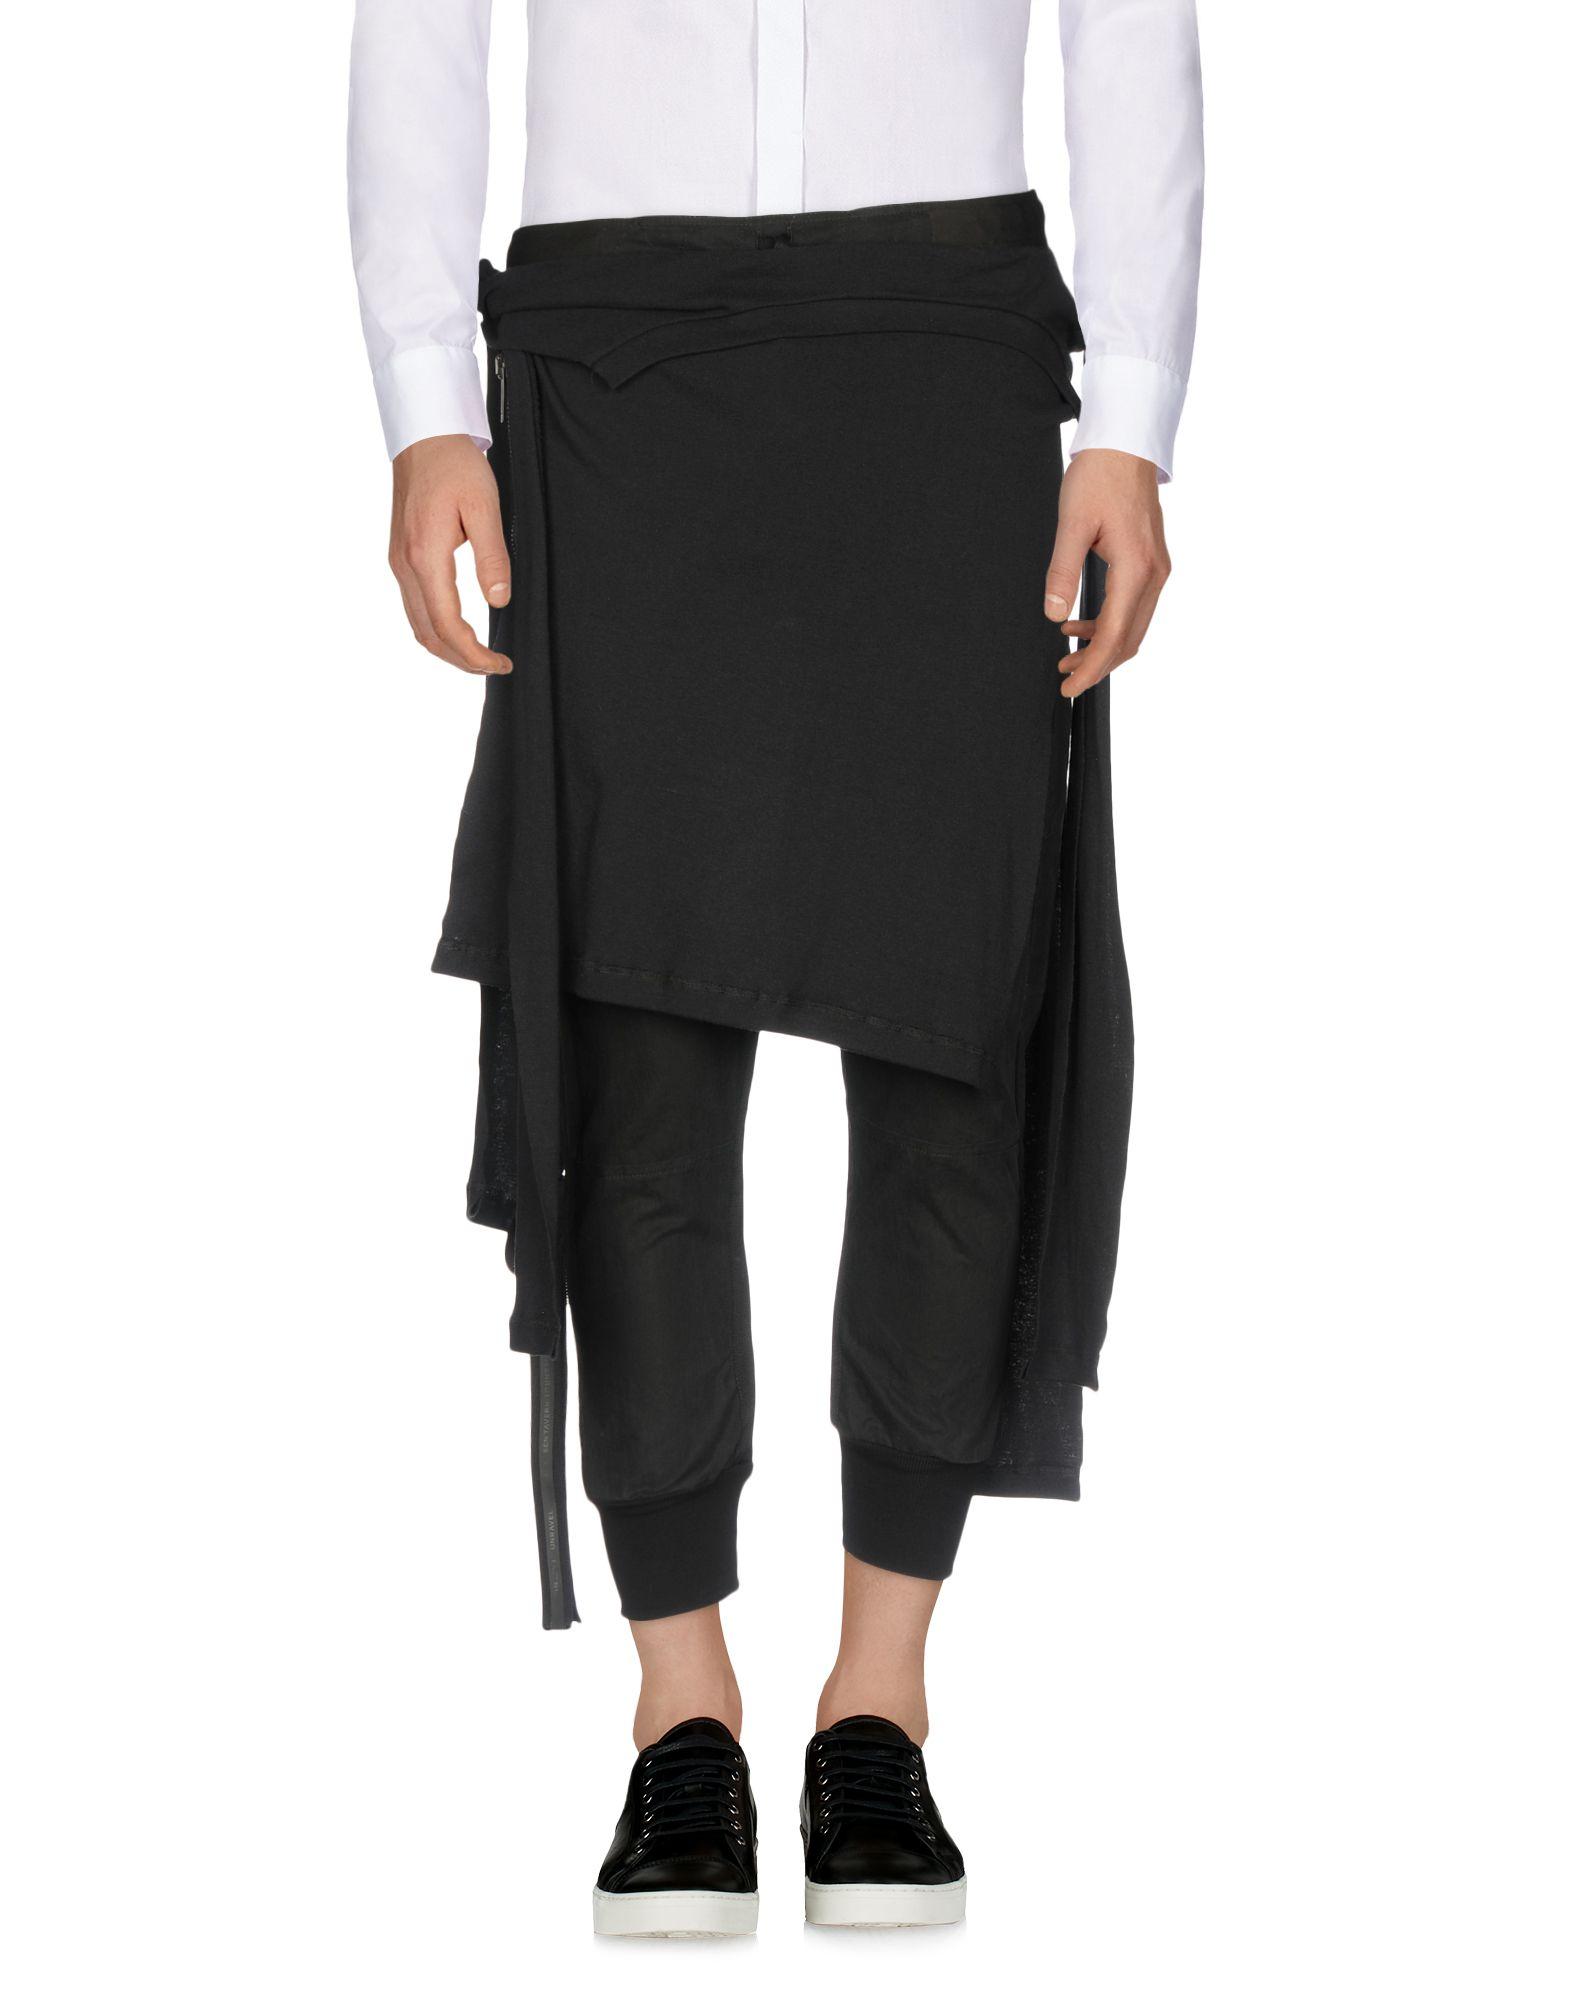 Pantalone Ben Taverniti™ Unravel Project Donna - Acquista online su